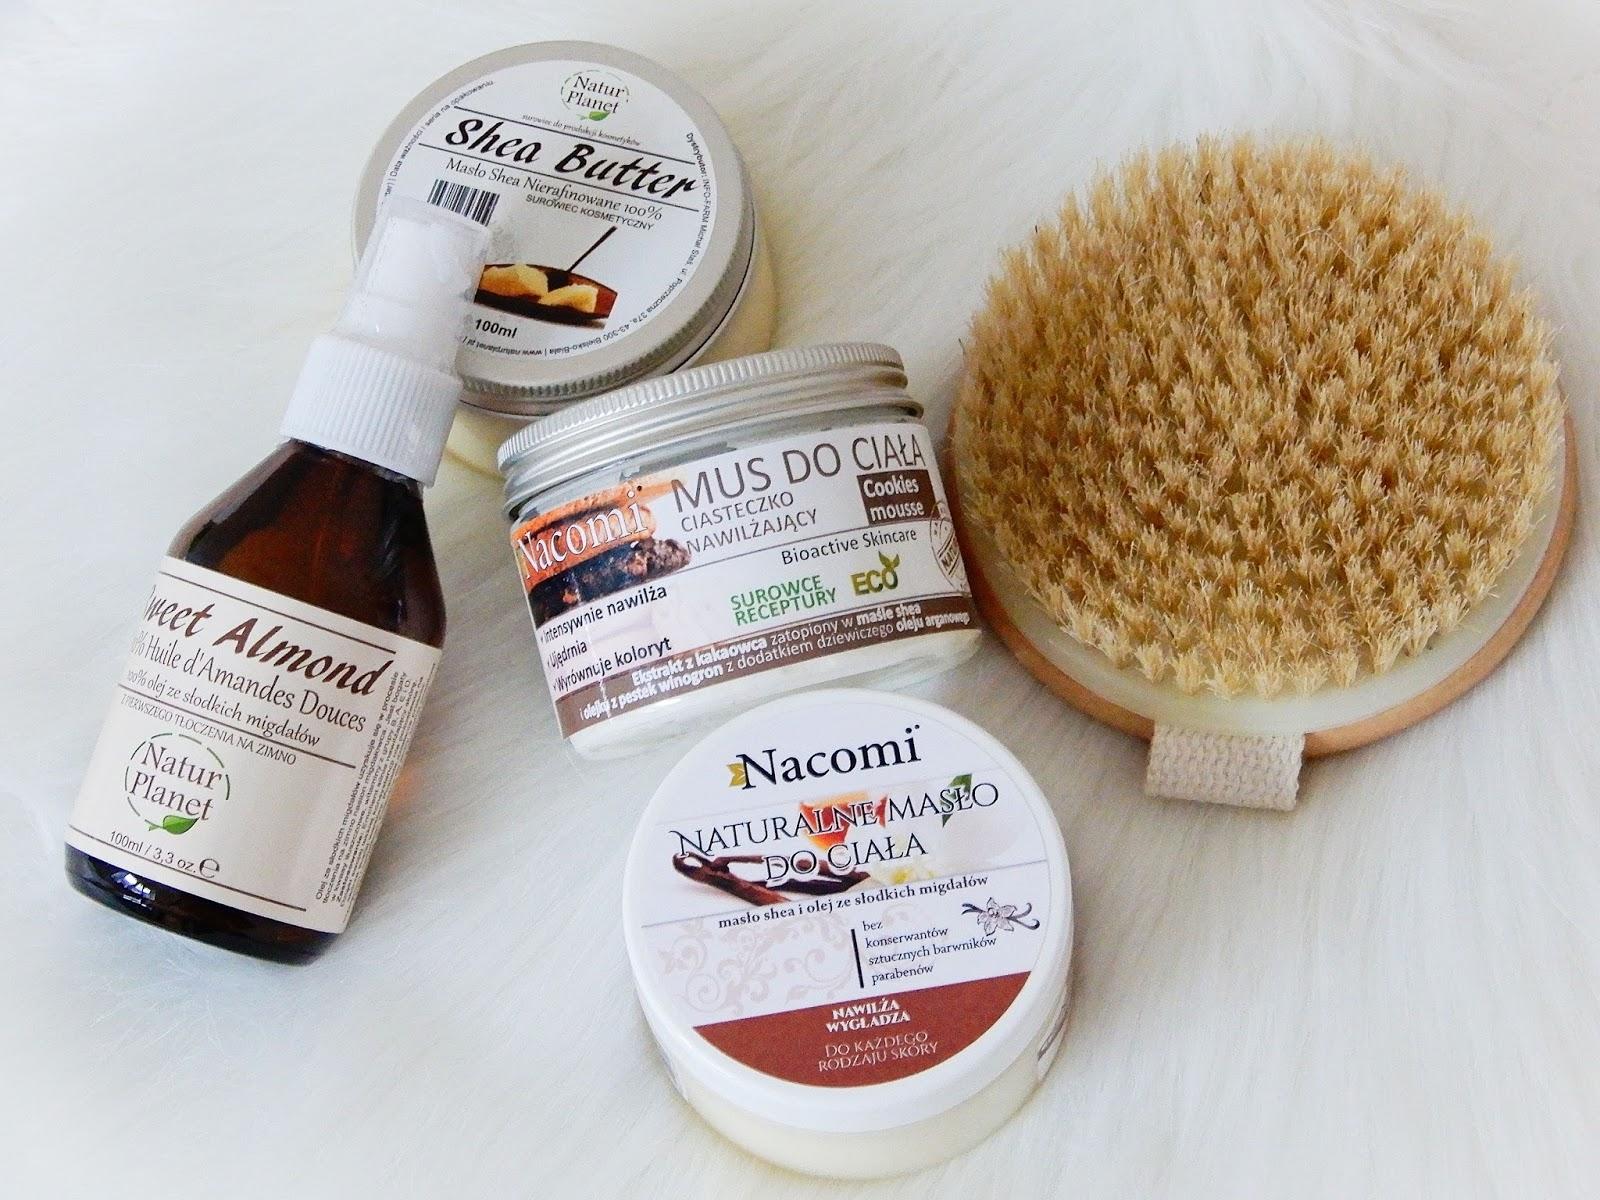 Masło Shea, olej ze słodkich migdałów  Natur Planet, Natur Planet, Nacomi, Nacomi ciasteczkowy mus do ciała, Nacomi naturalne masło do ciała, naturalną szczotkę do szczotkowania skóry na sucho, For Your Beauty drewniana szczotka do masażu,